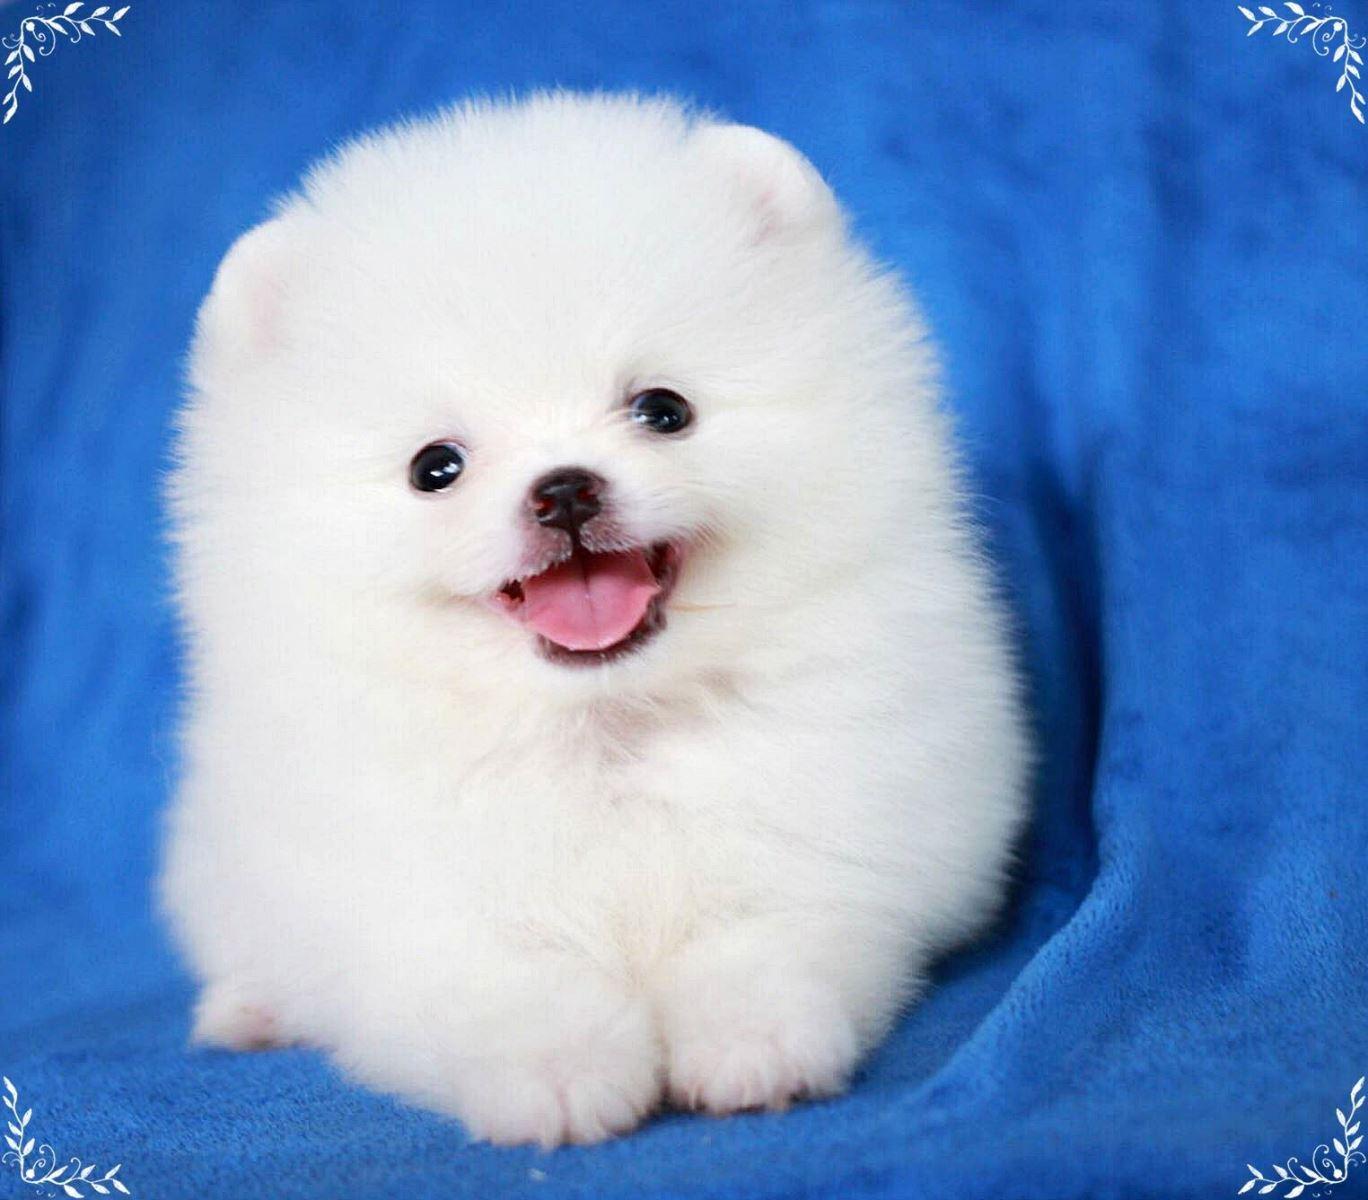 Chó Phốc Sóc (Pomeranian) - Lịch sử, đặc điểm, tính cách và cách chăm sóc